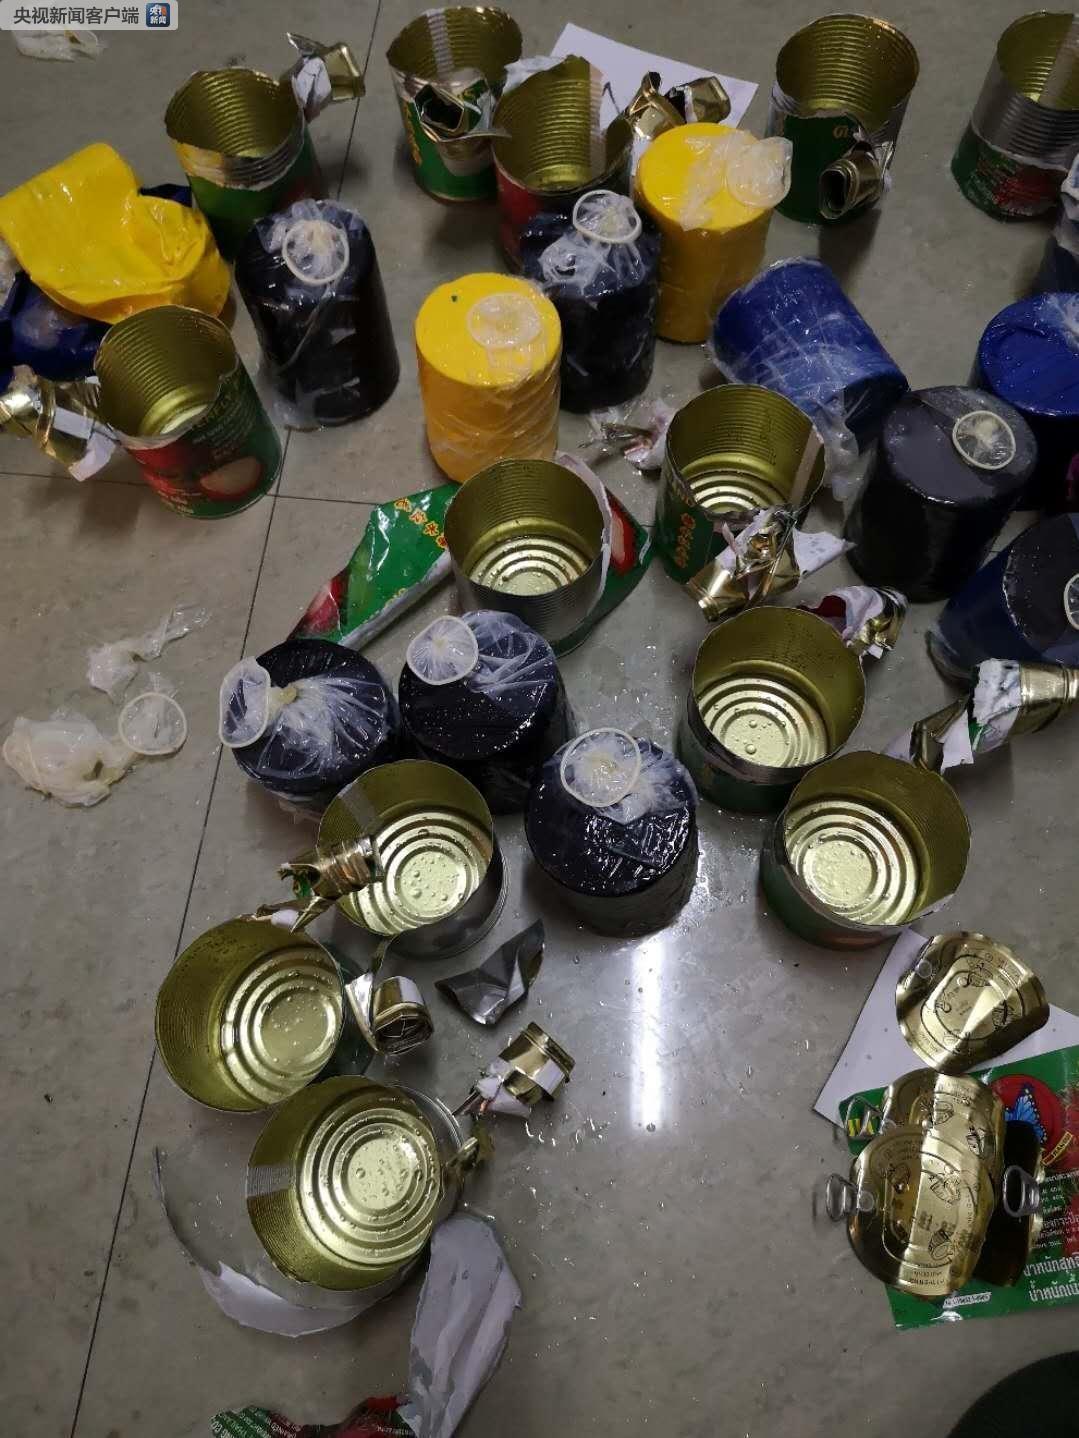 云南出入境边防去年缴毒逾10吨 打掉涉毒团伙86个_图1-3